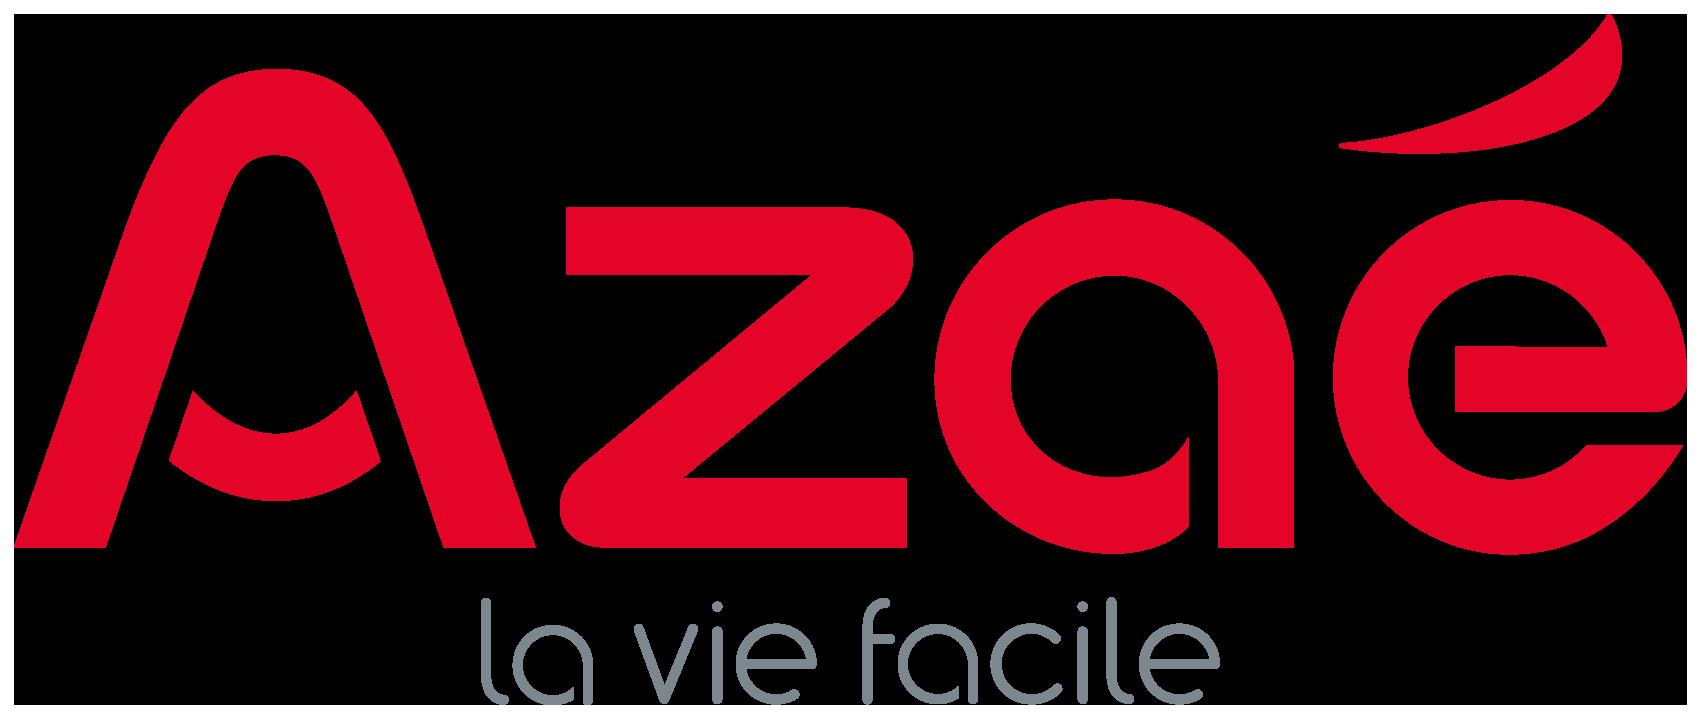 Azaé Béziers - Aide à domicile et femme de ménage